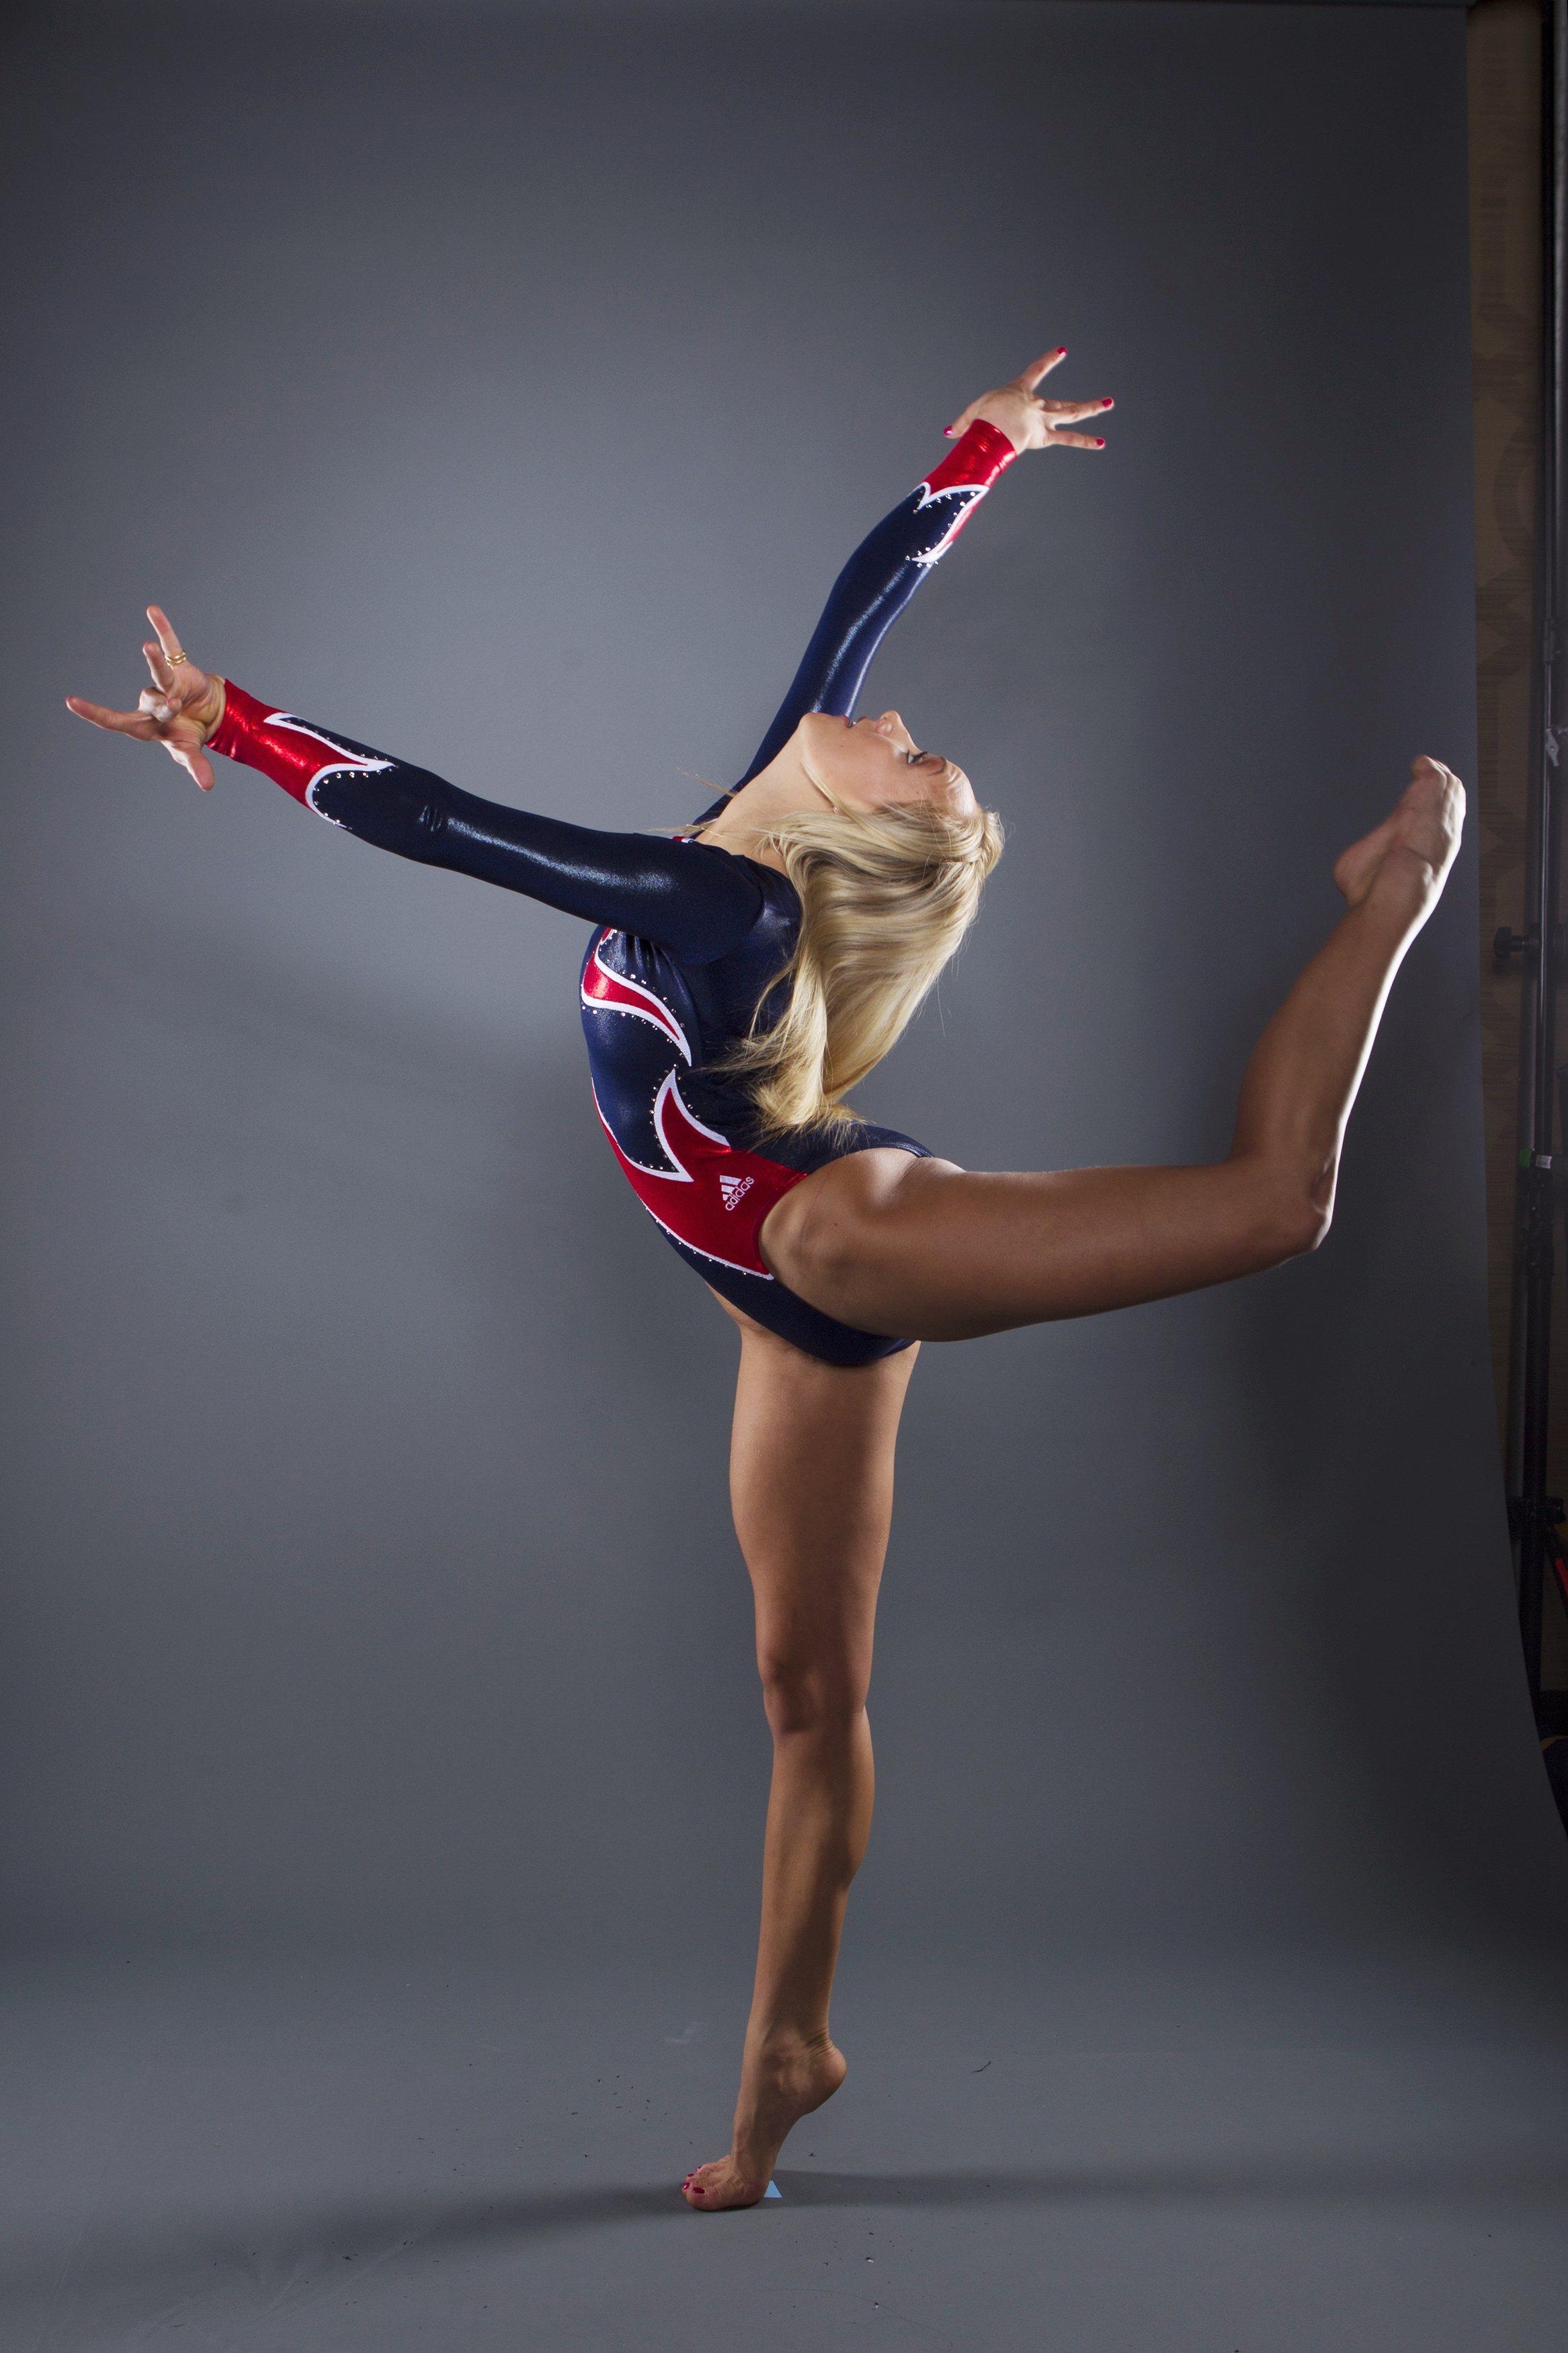 позы с гимнастками картинки типа